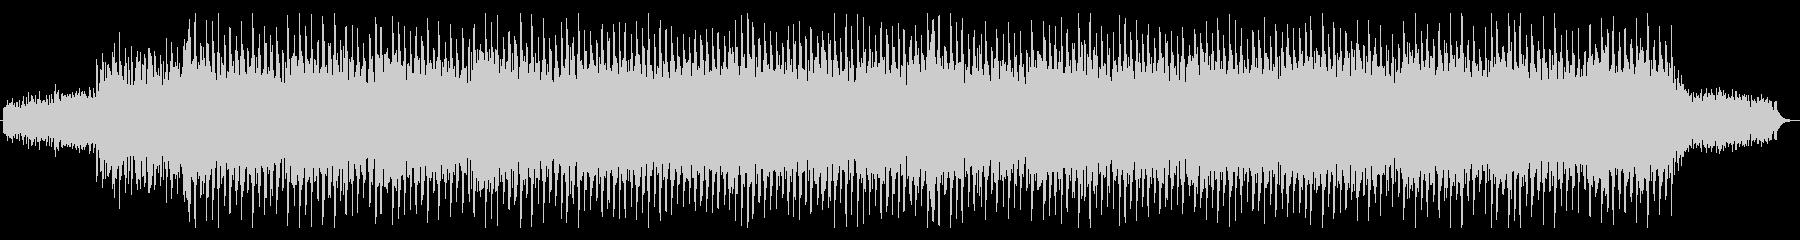 チュートリアル、デジタル、温かい曲の未再生の波形